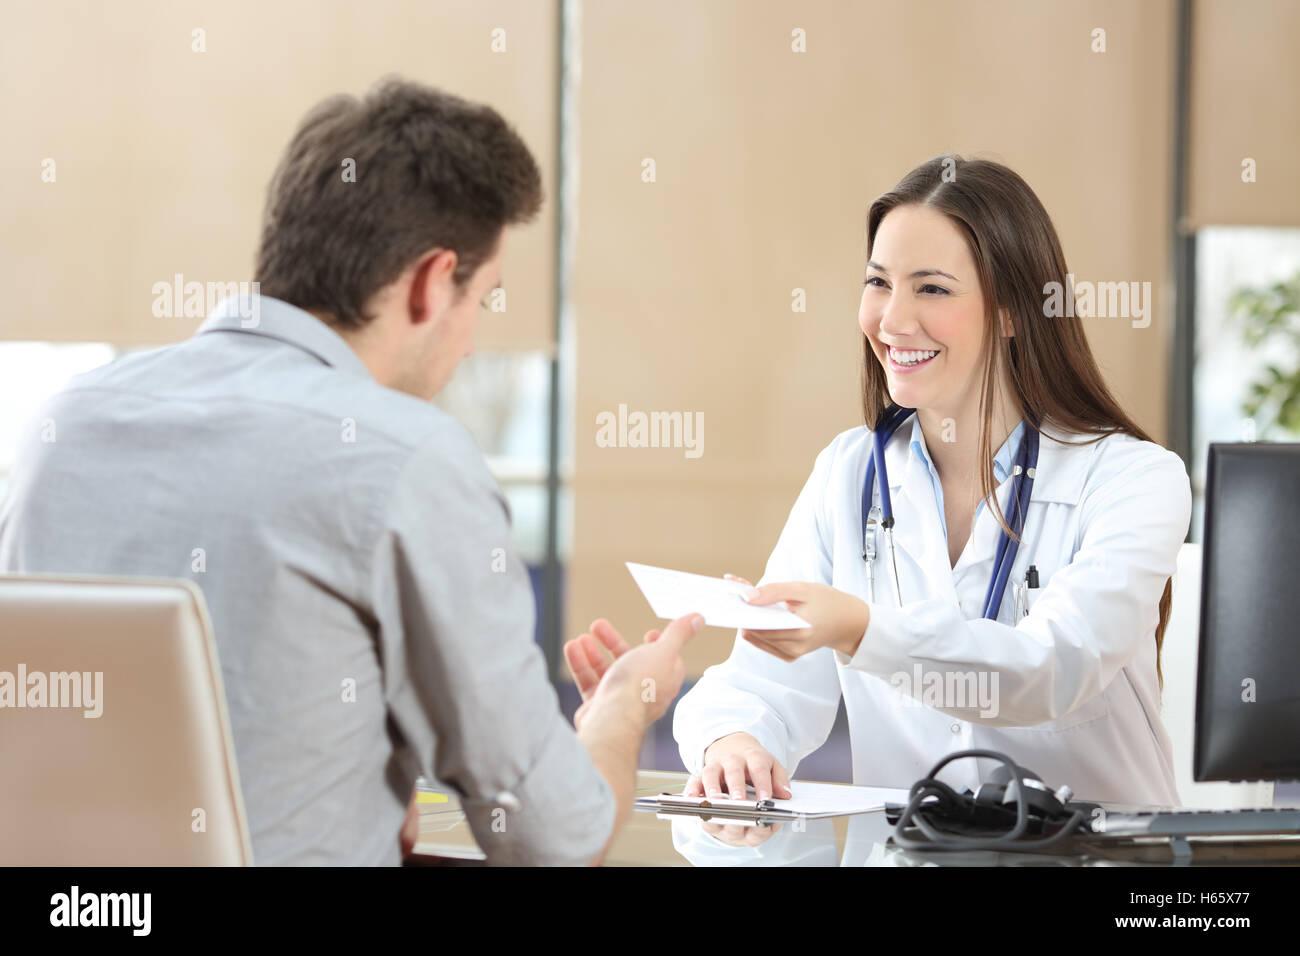 Feliz doctor hembra dando una receta a su paciente en una consulta Imagen De Stock